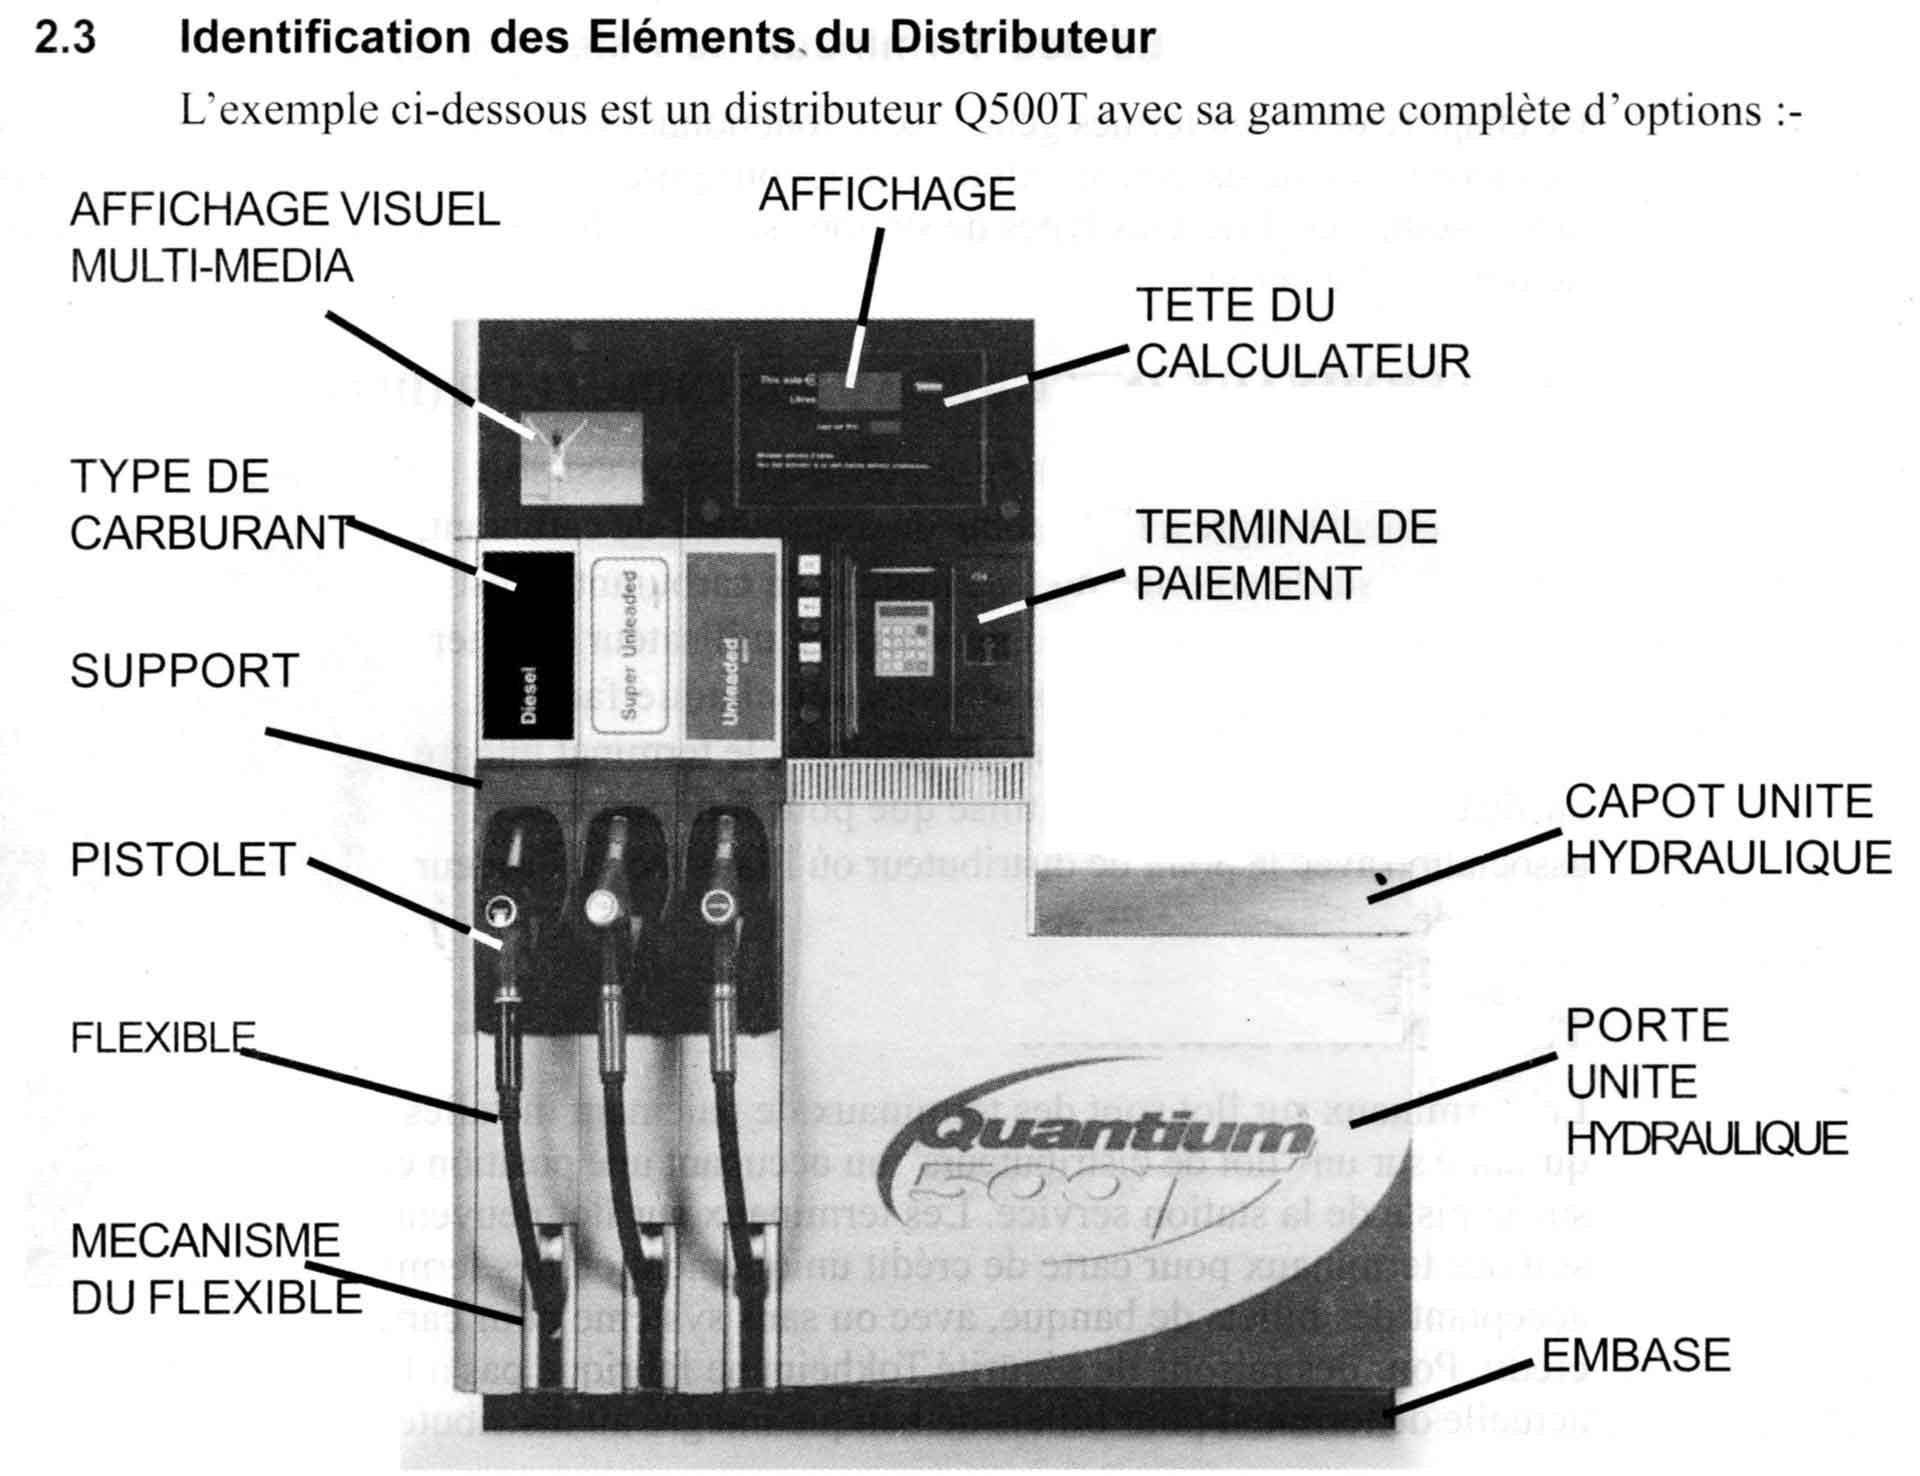 identifications des éléments Q500T